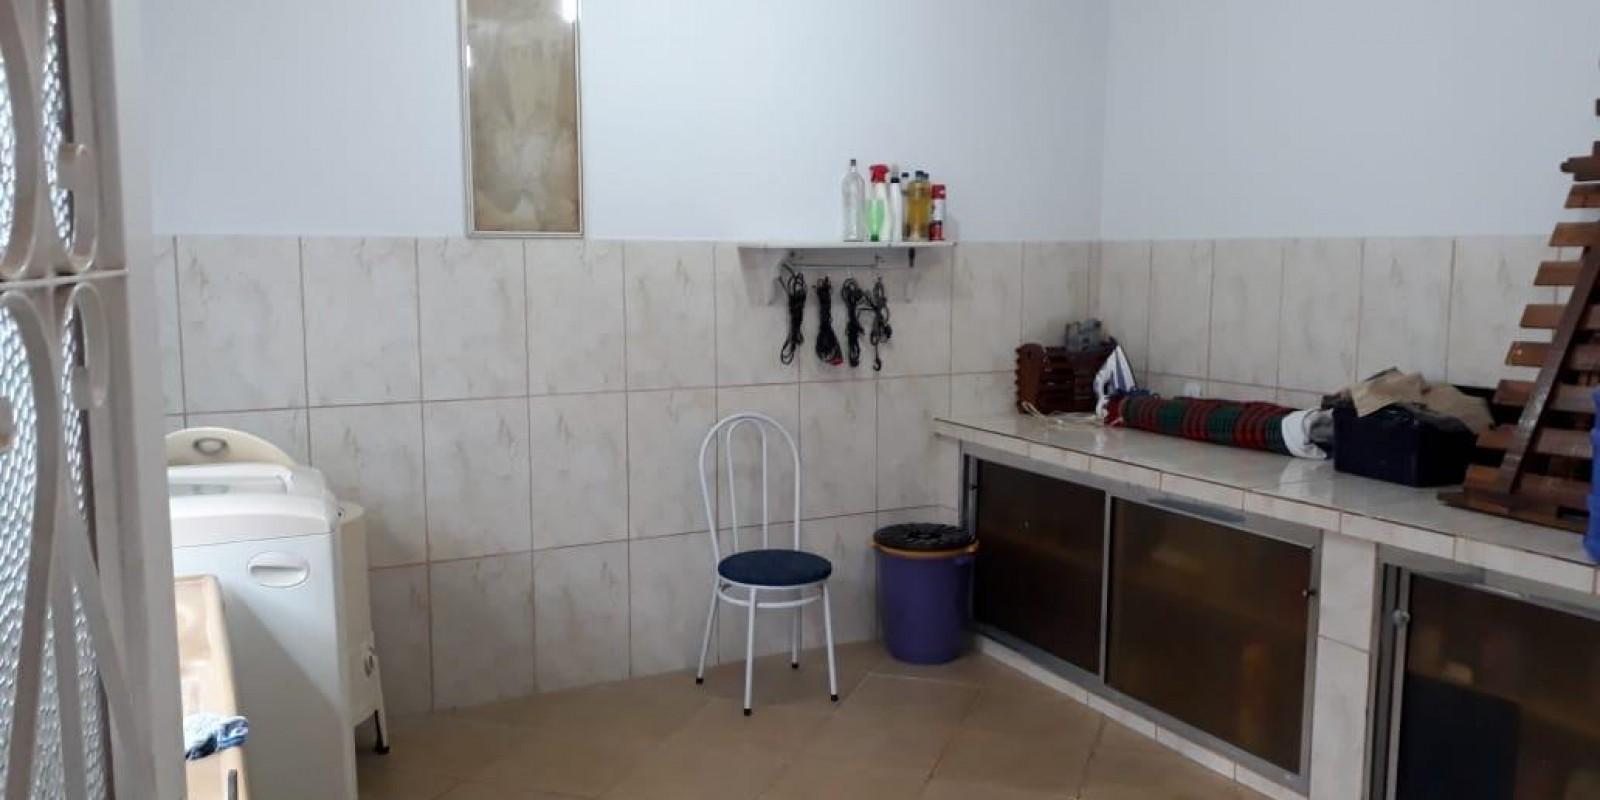 Casa no Centro de Taquarituba SP - Foto 11 de 19